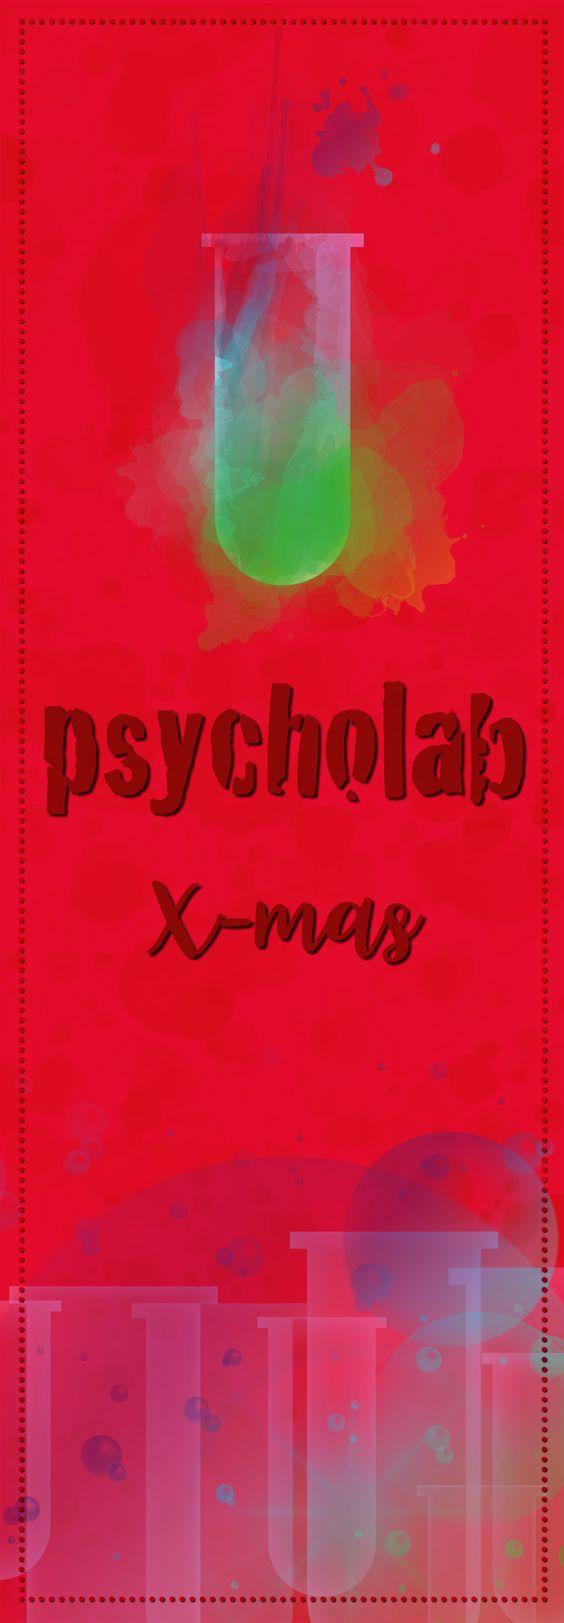 Lustige Geschenkideen und kreativer Spaß für alle, die dem täglichen Labor-Voodoo sowie dem alljährlichem Weihnachtswahnsinn ausgeliefert sind!